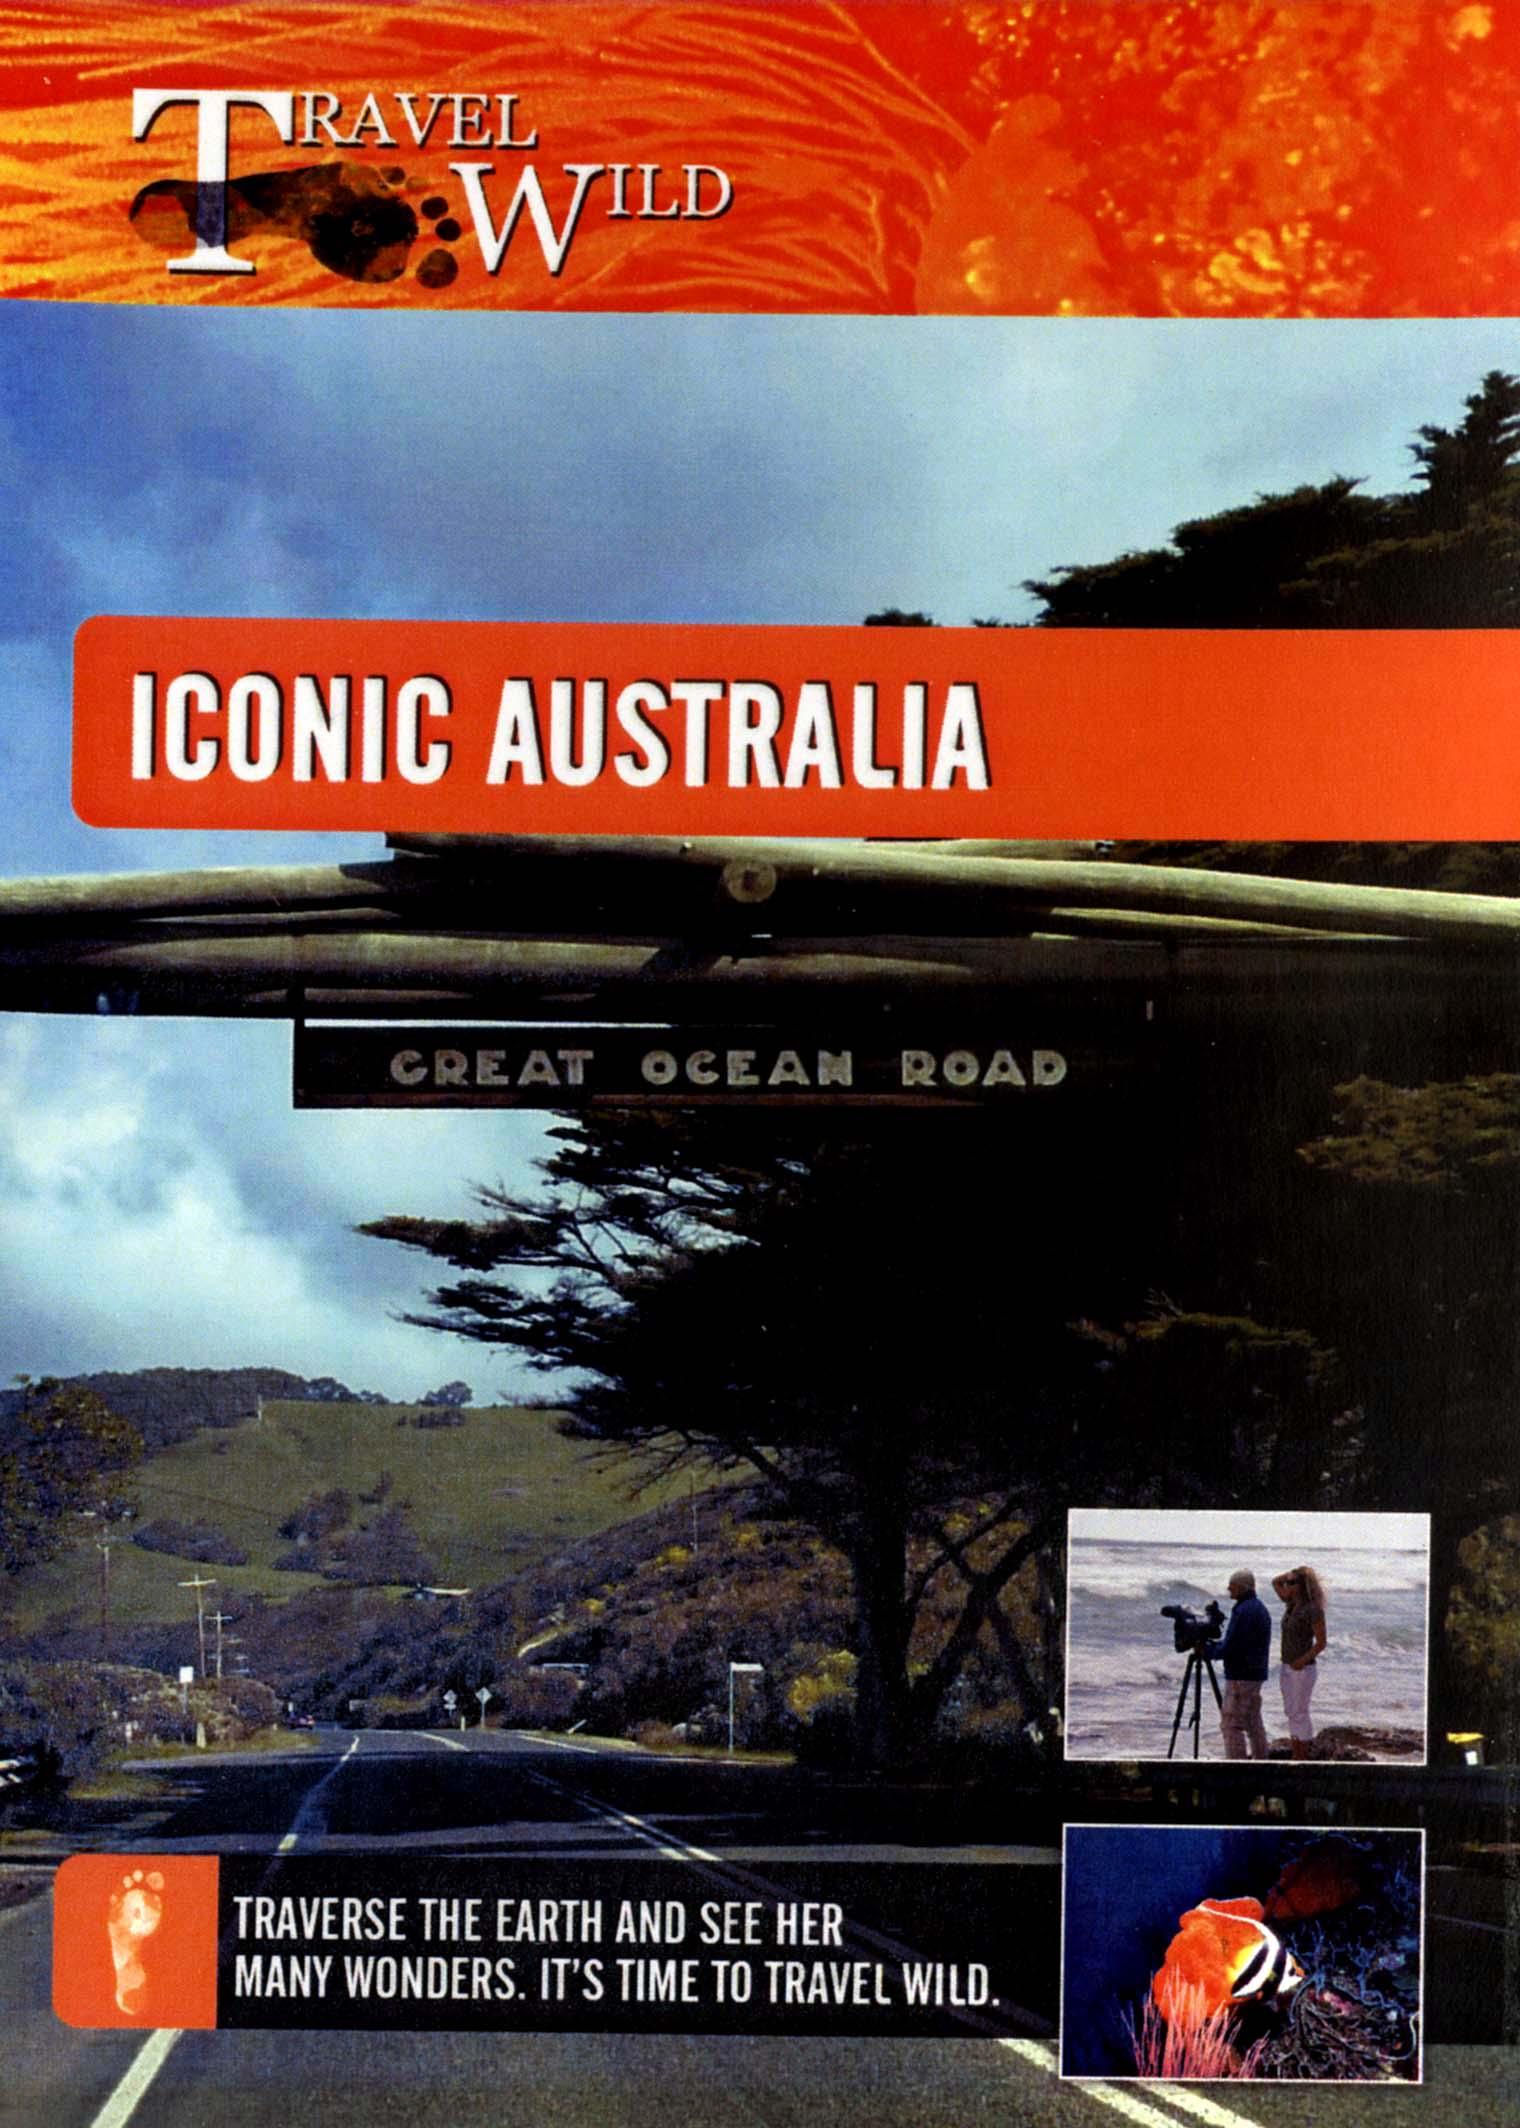 Travel Wild: Iconic Australia